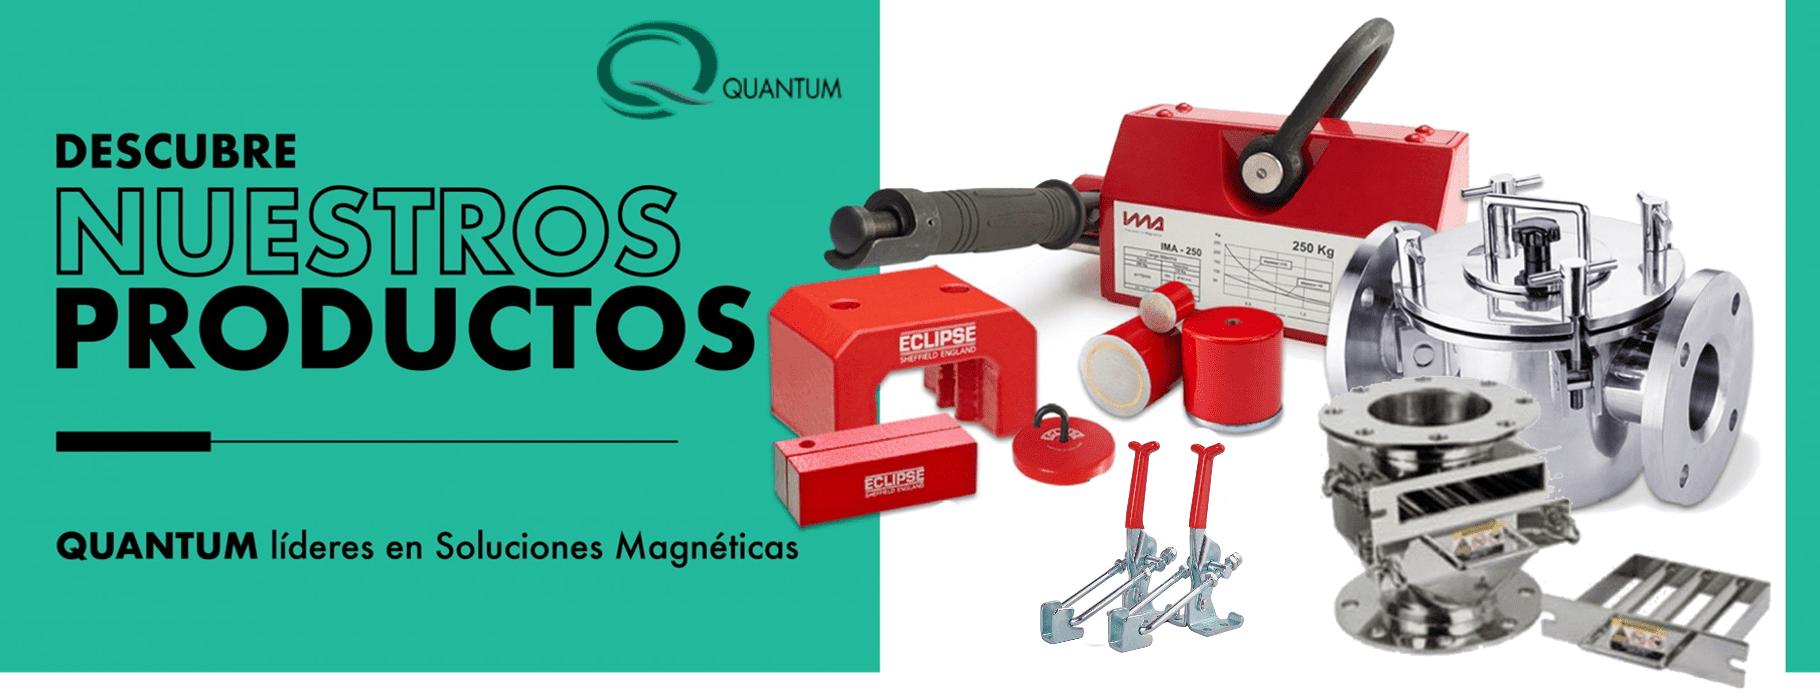 productos quantum Chile Soluciones magnéticas Imanes Quantum